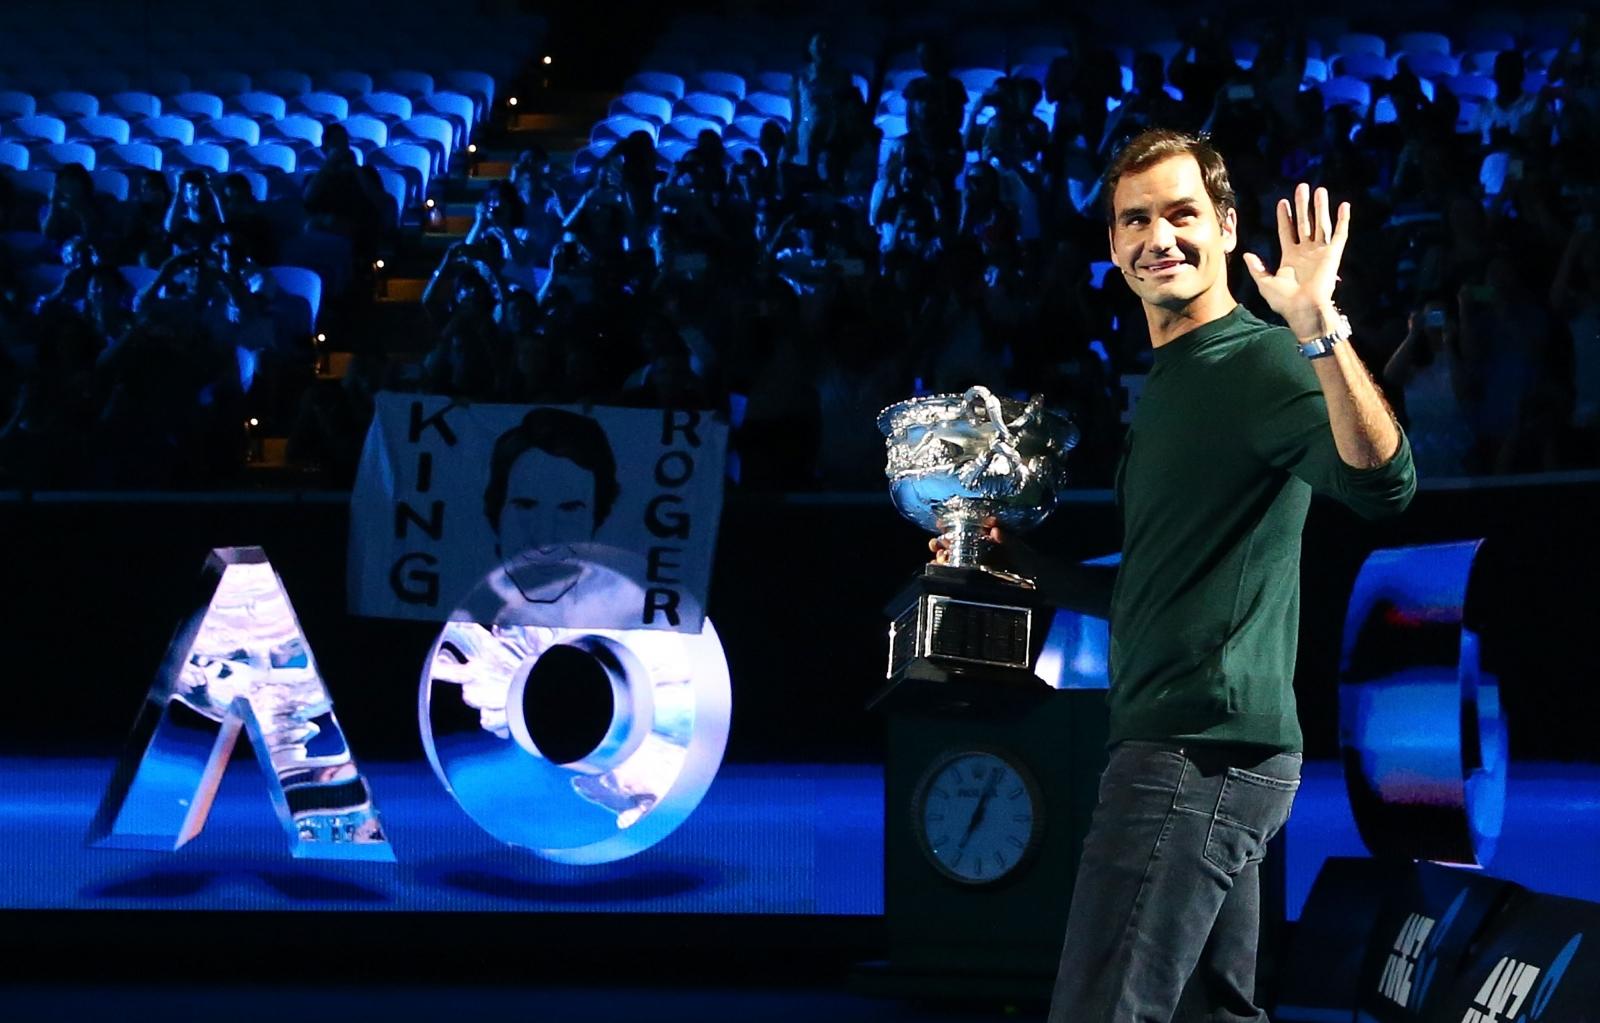 Roger Federer, Rafa Nadal get easy opponents in Australian Open draw